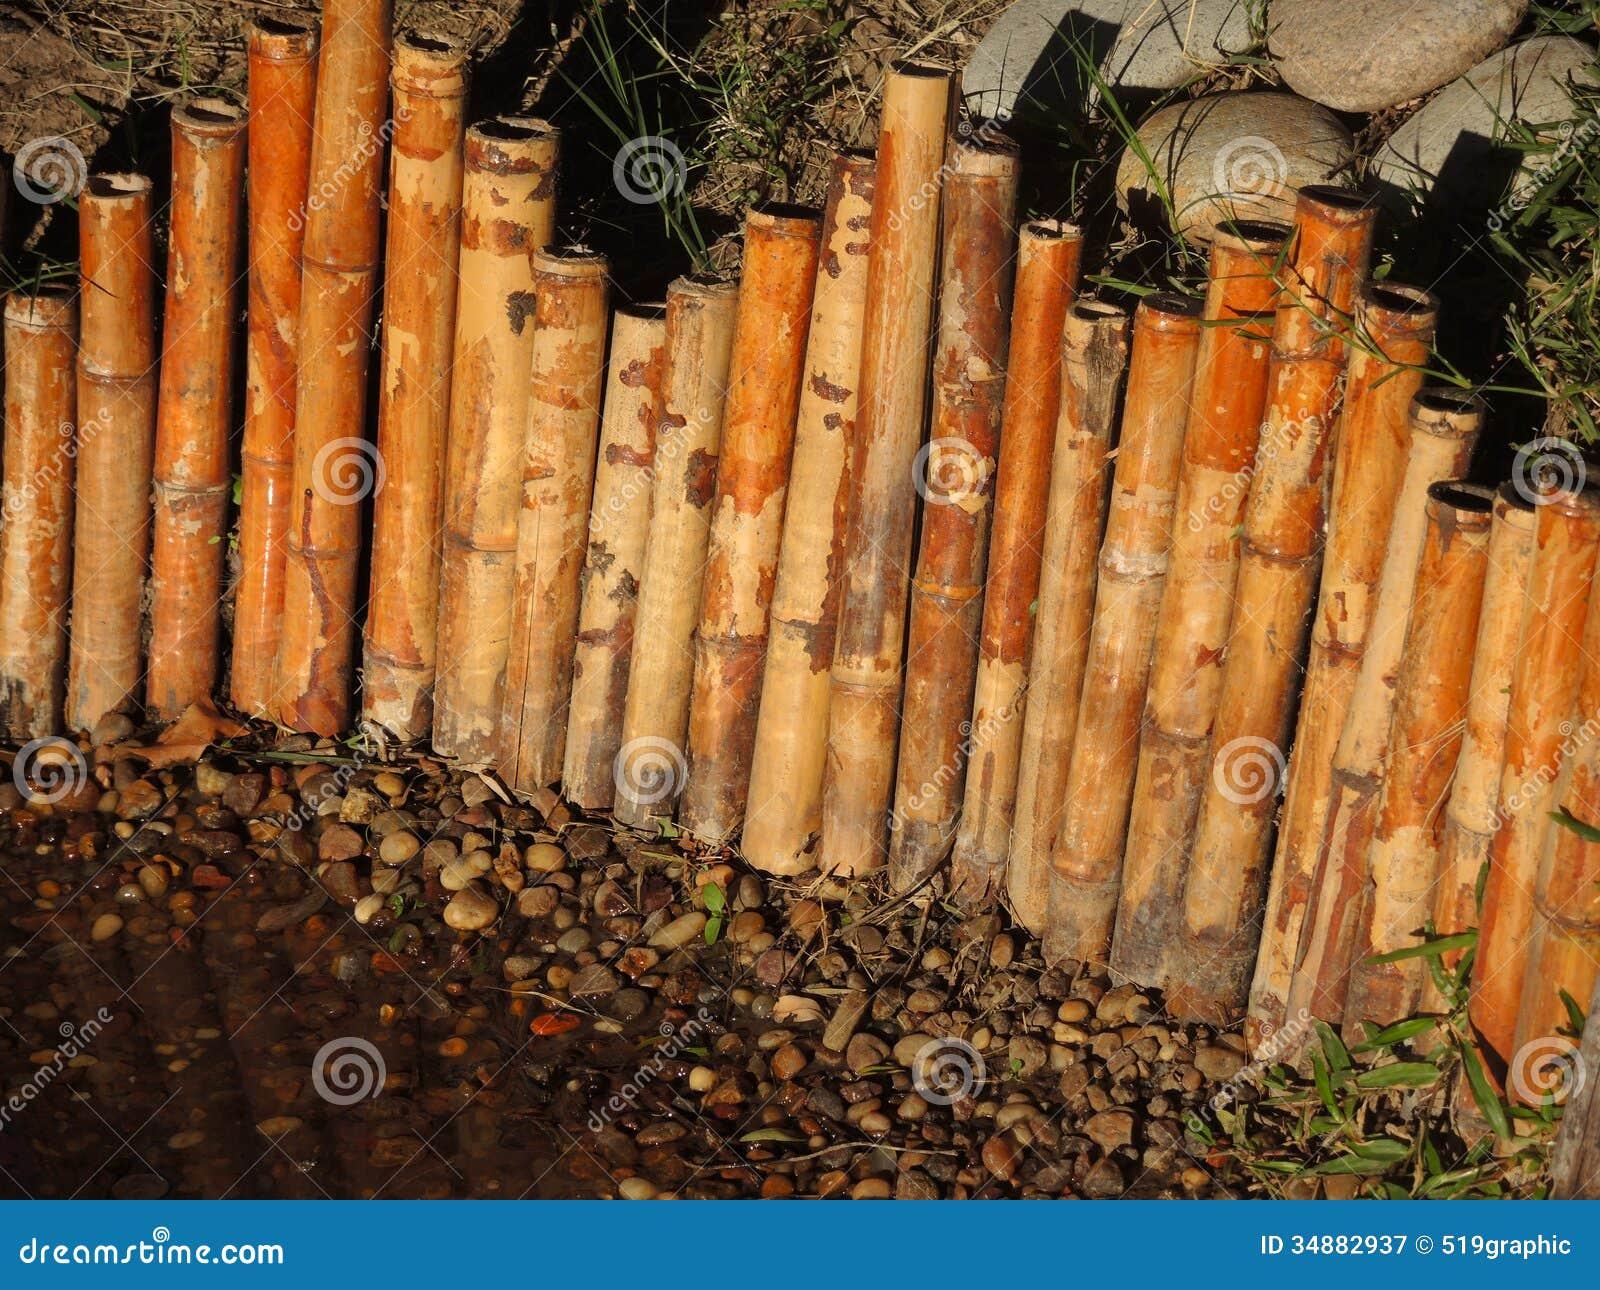 Bamboo Japanese Fence.